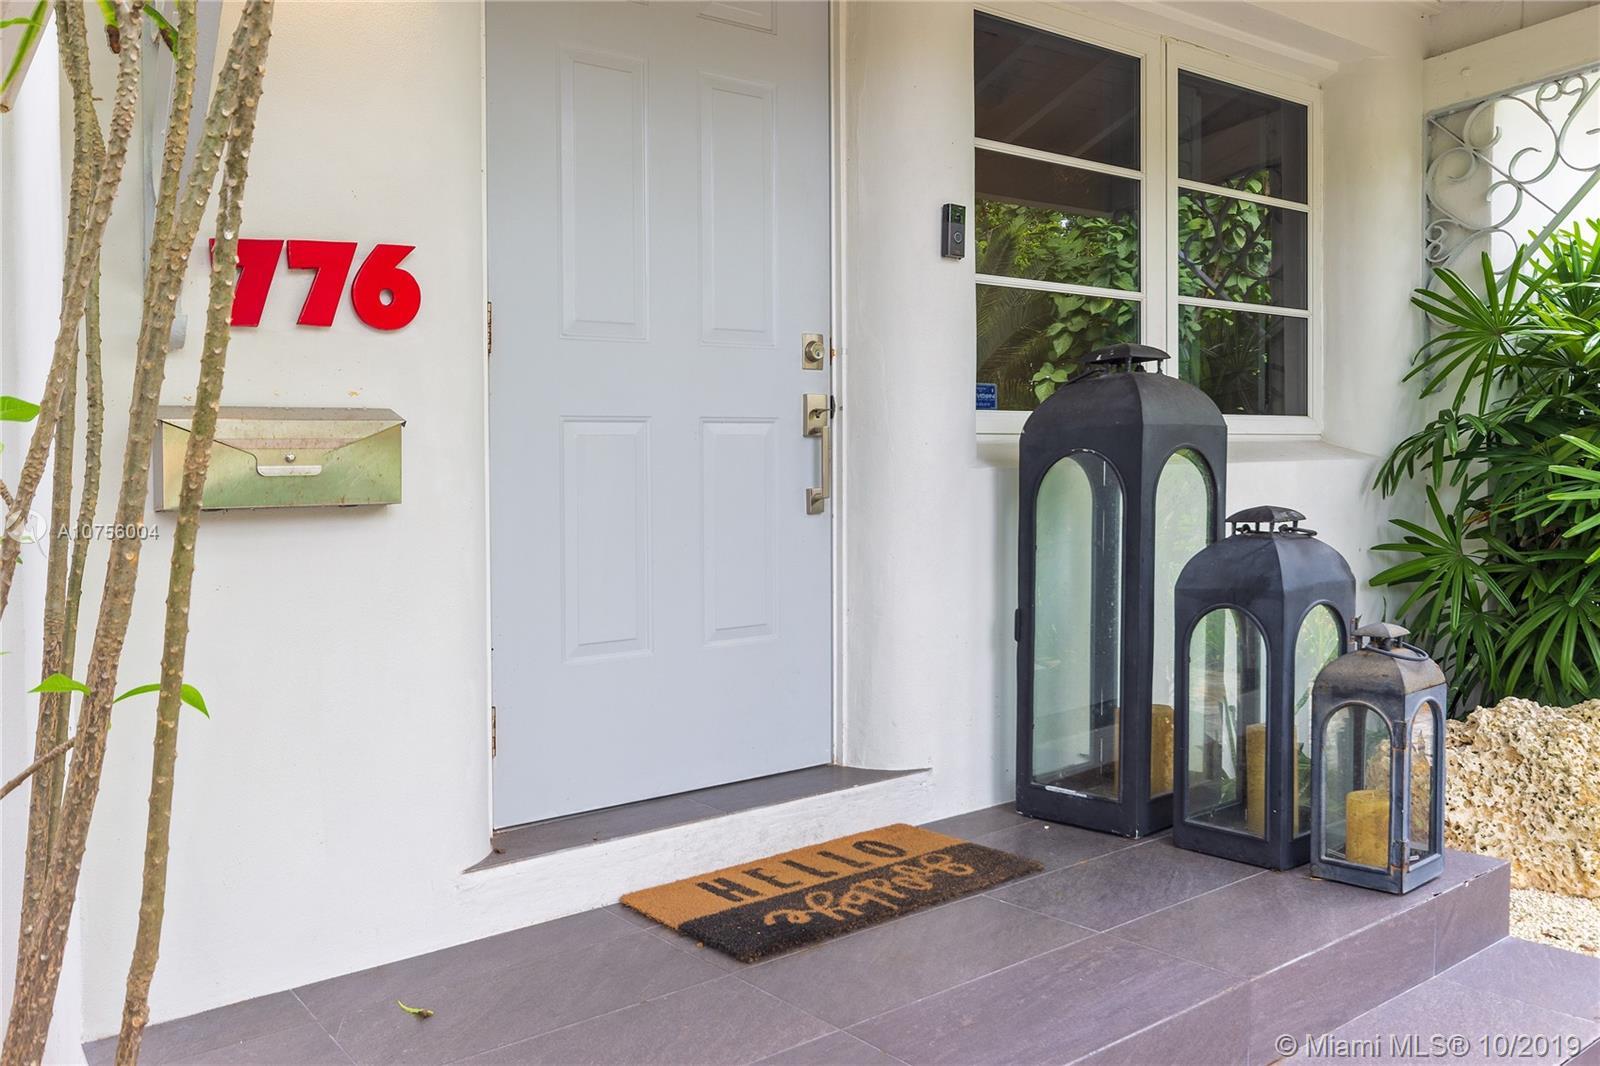 776 NE 74th St, Miami FL 33138